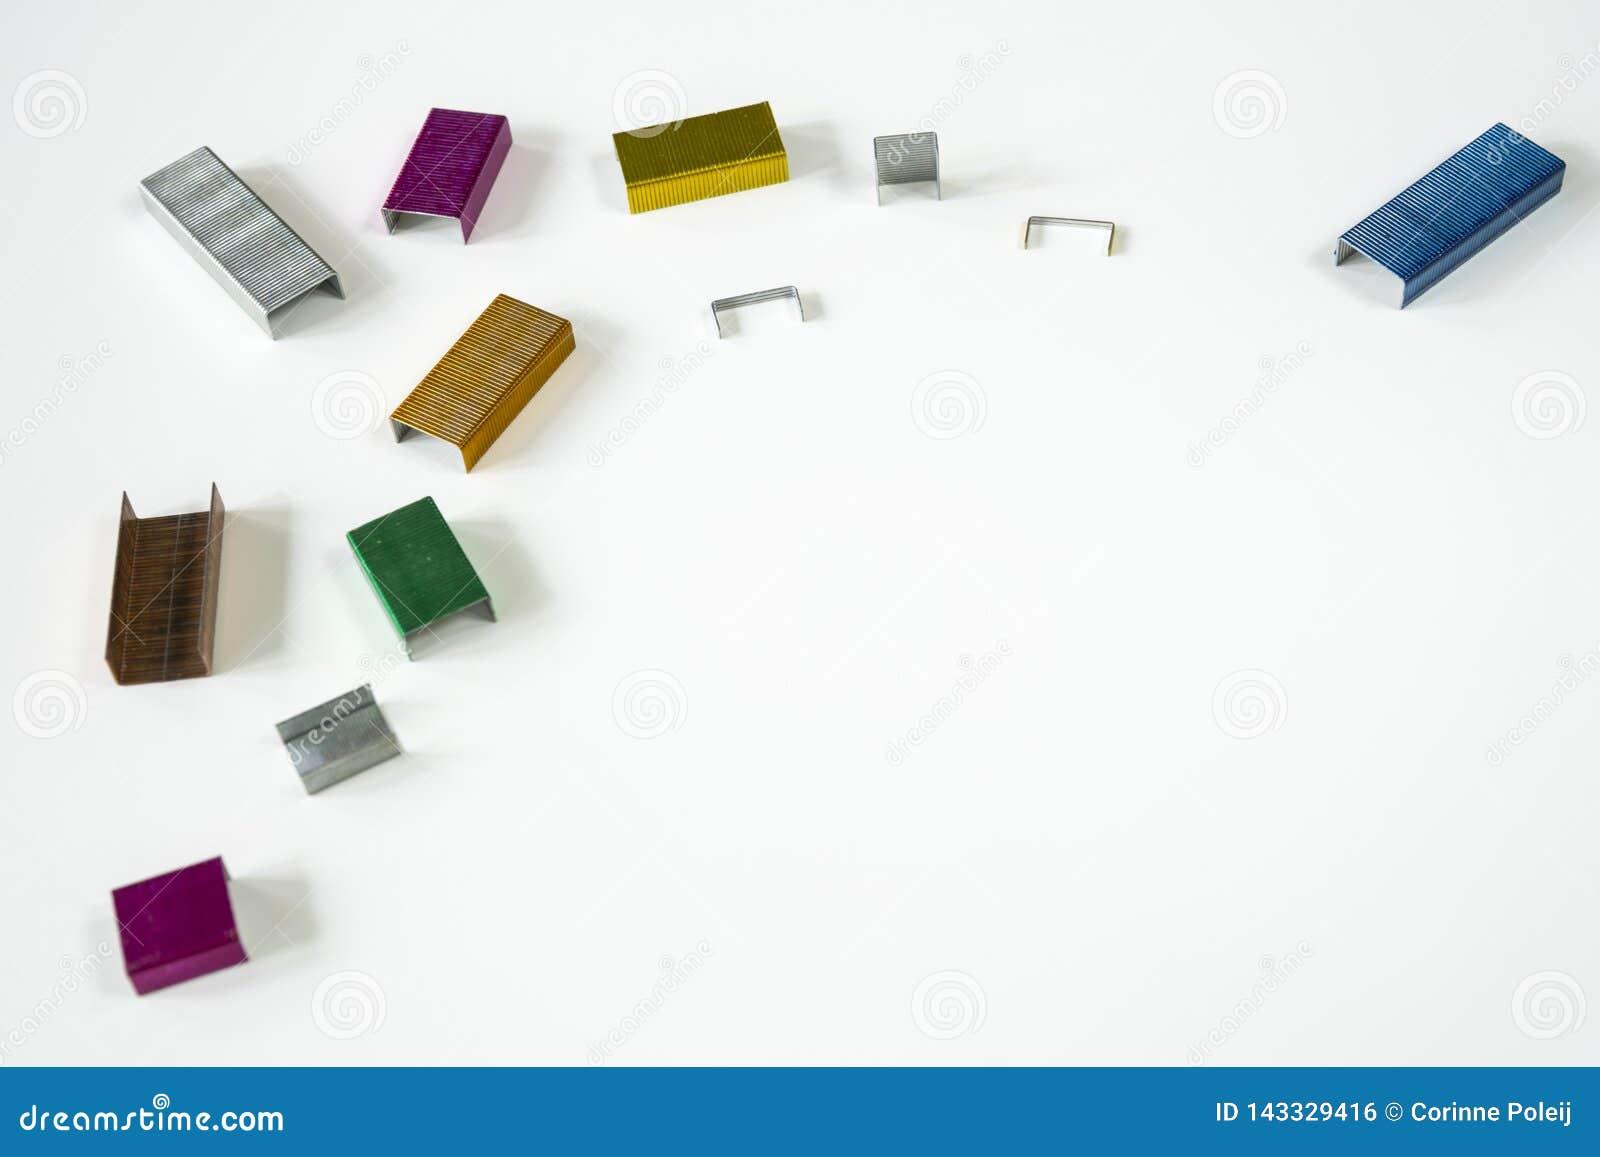 Marvelous Metal Staplers In Various Metallic Colors On White Desk Home Remodeling Inspirations Basidirectenergyitoicom